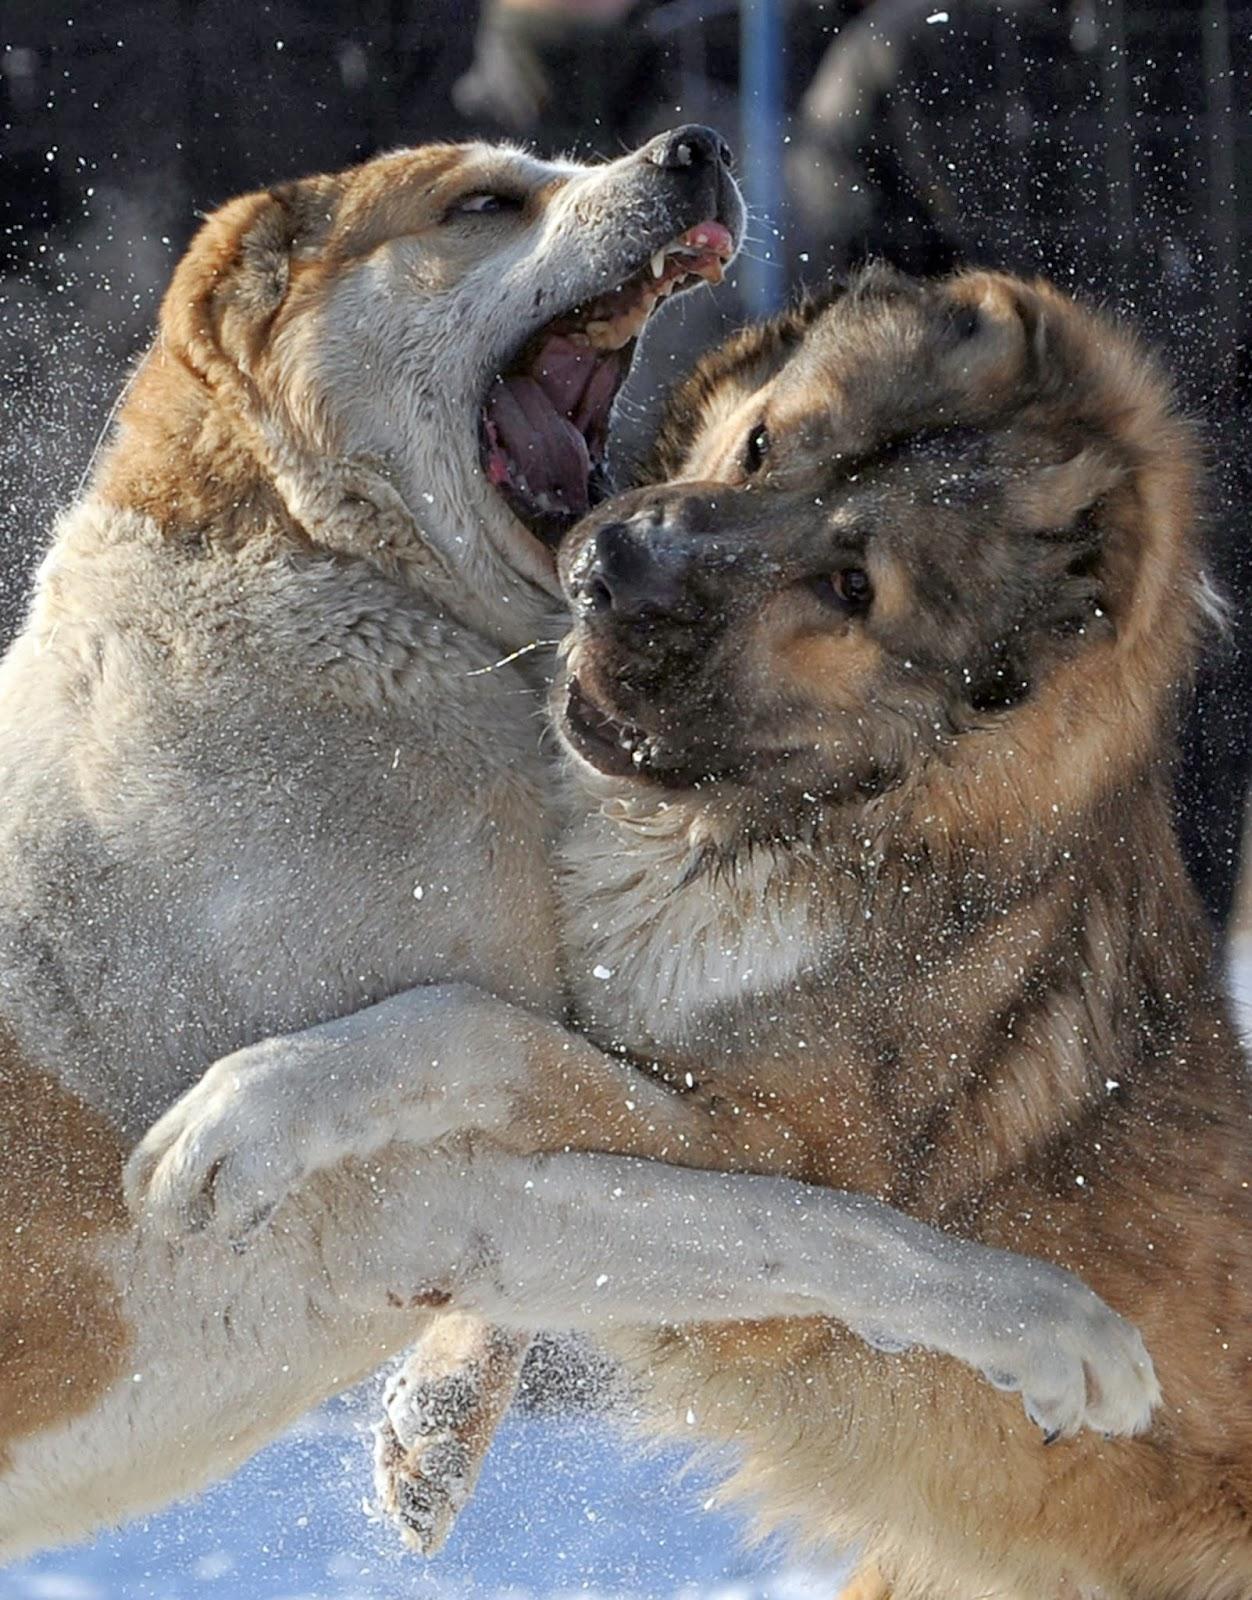 Animals, Asia, Bishkek, Breed, Dog, Dog breeders Club, Fight, Kyrgyzstan, News, Offbeat, Owner, Shepherd, Sports, Stadium, Wolf, Wolfhound, World, Wolfhound Fight